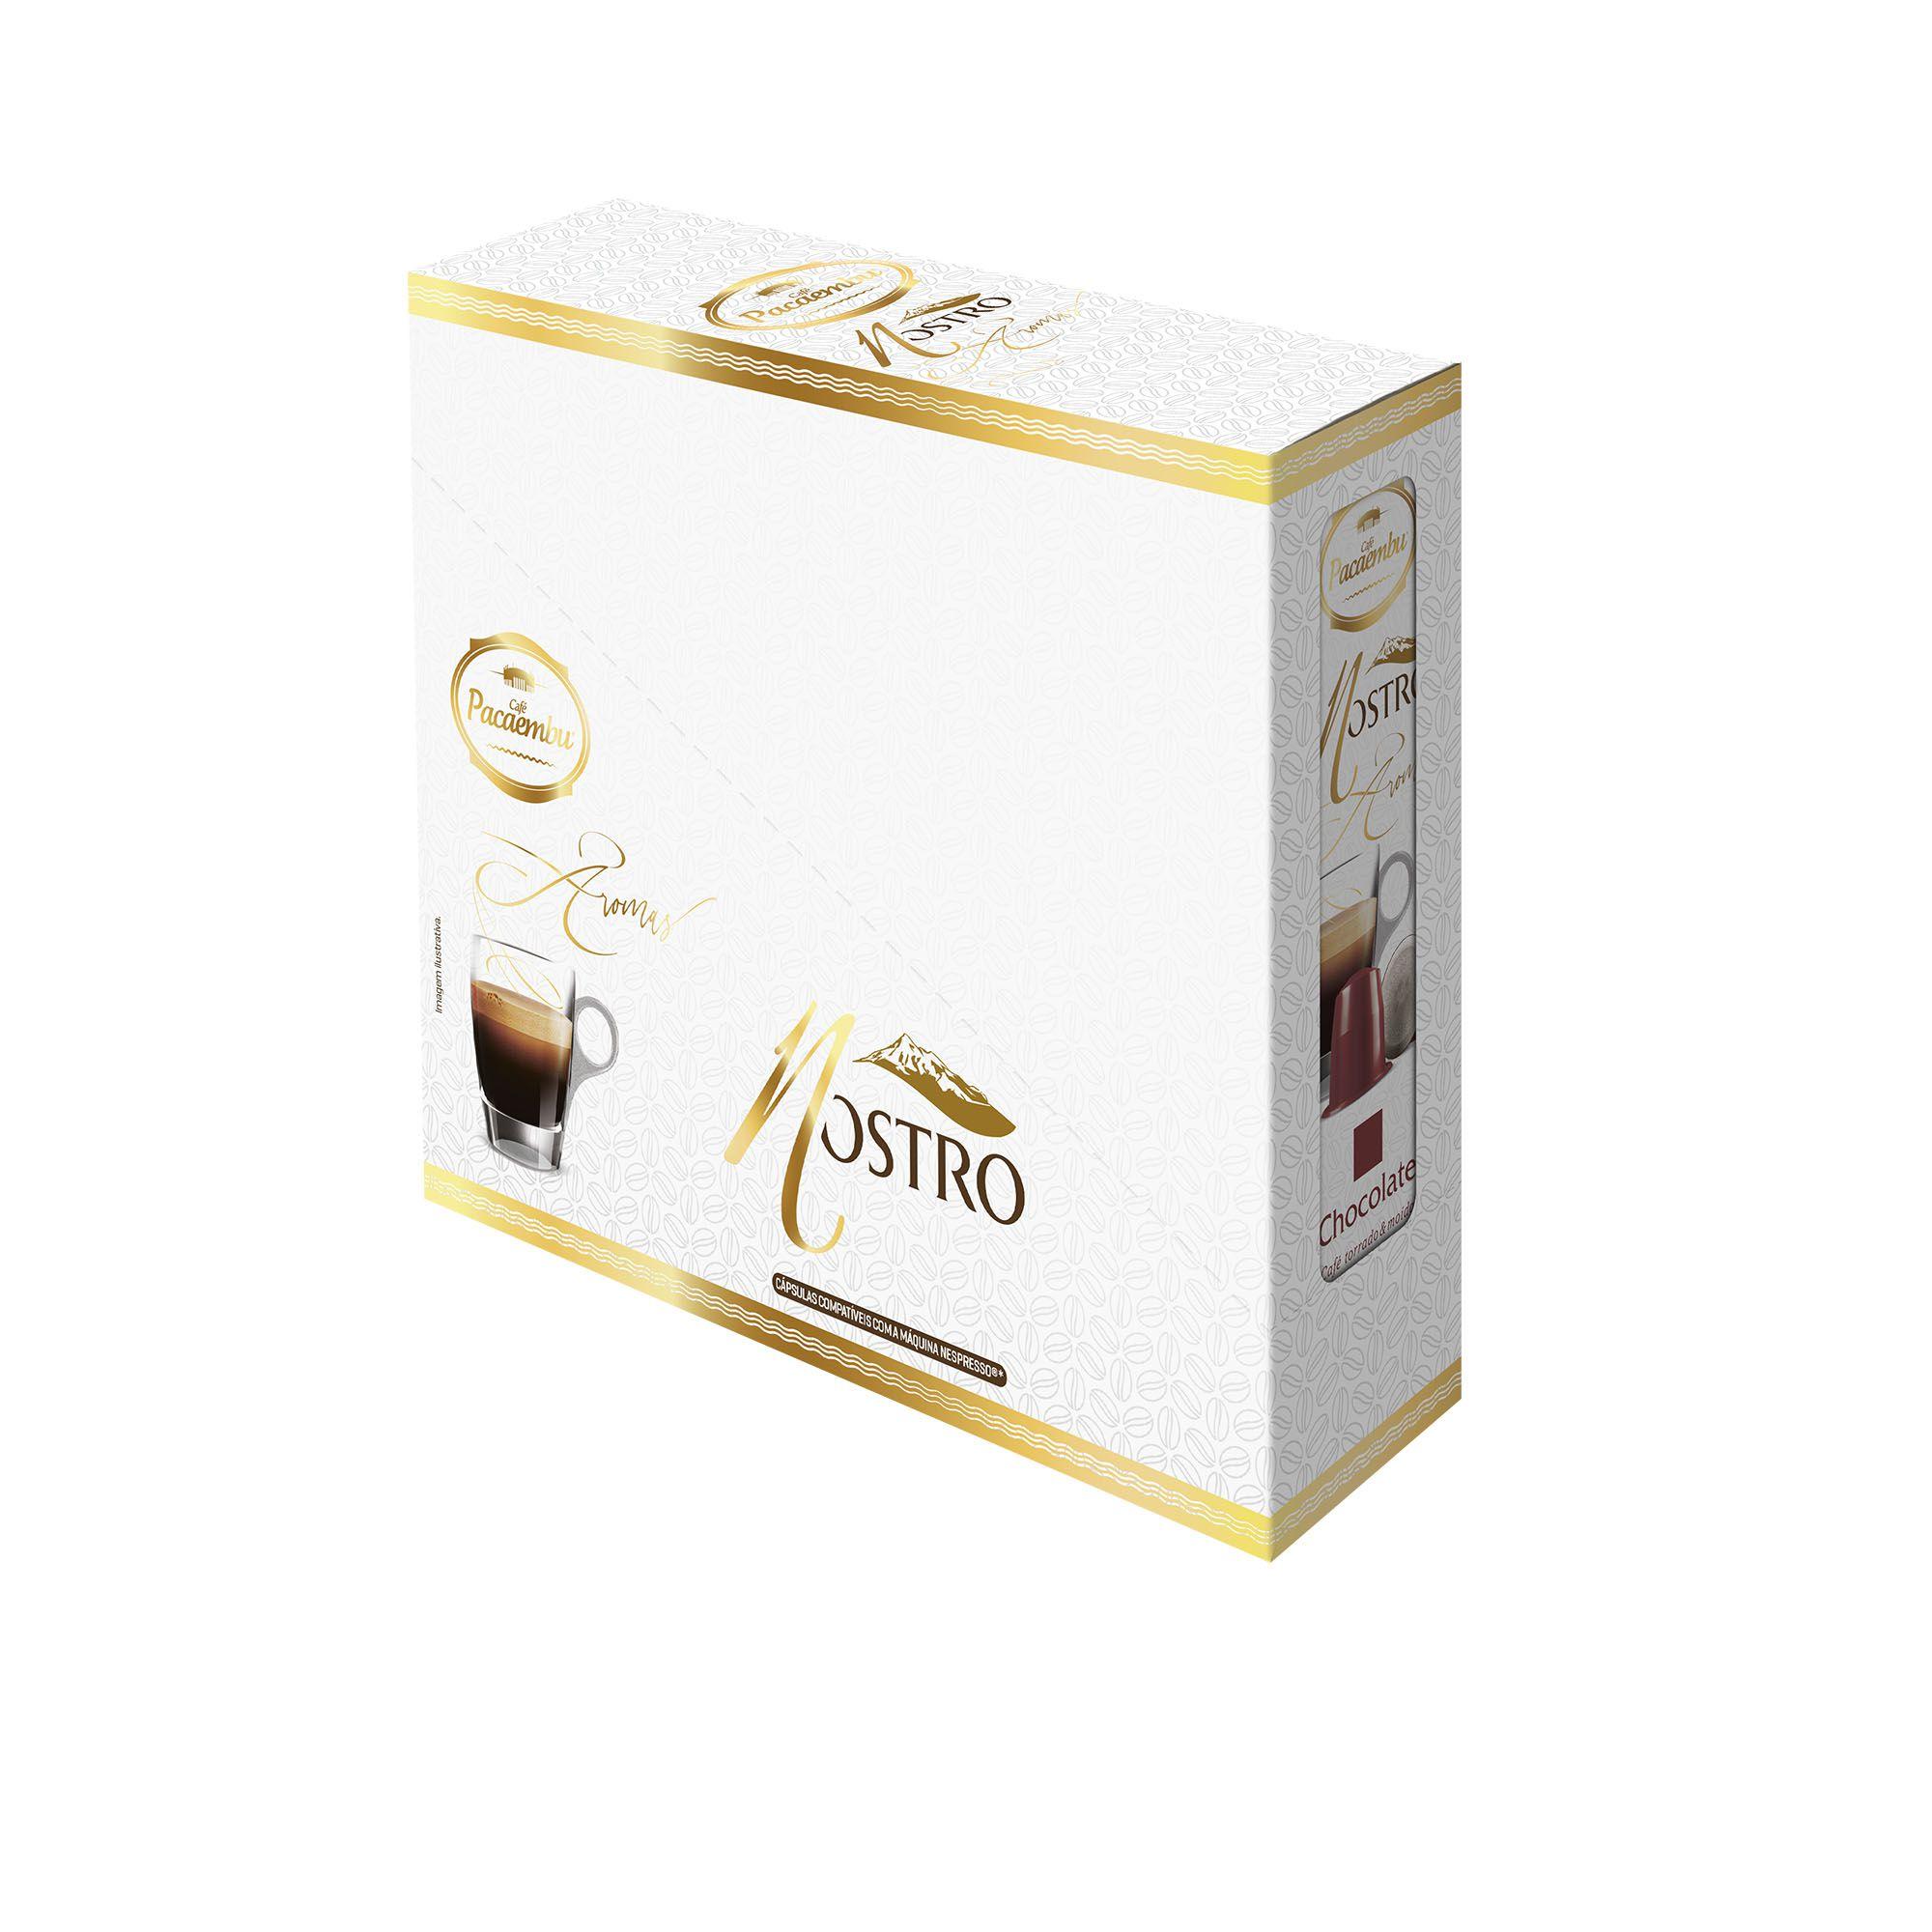 Caixa Display com 06 Cartuchos Cápsulas 5 Gramas Aroma Chocolate